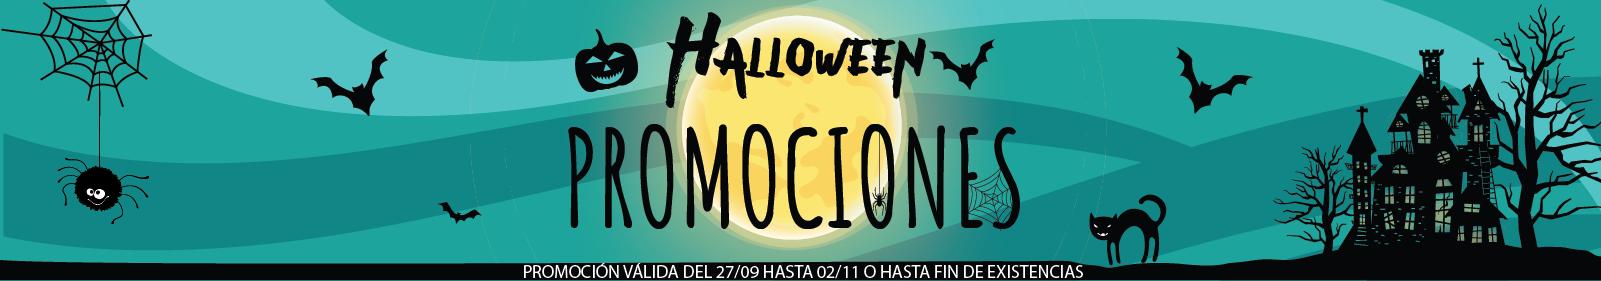 promociones Halloween